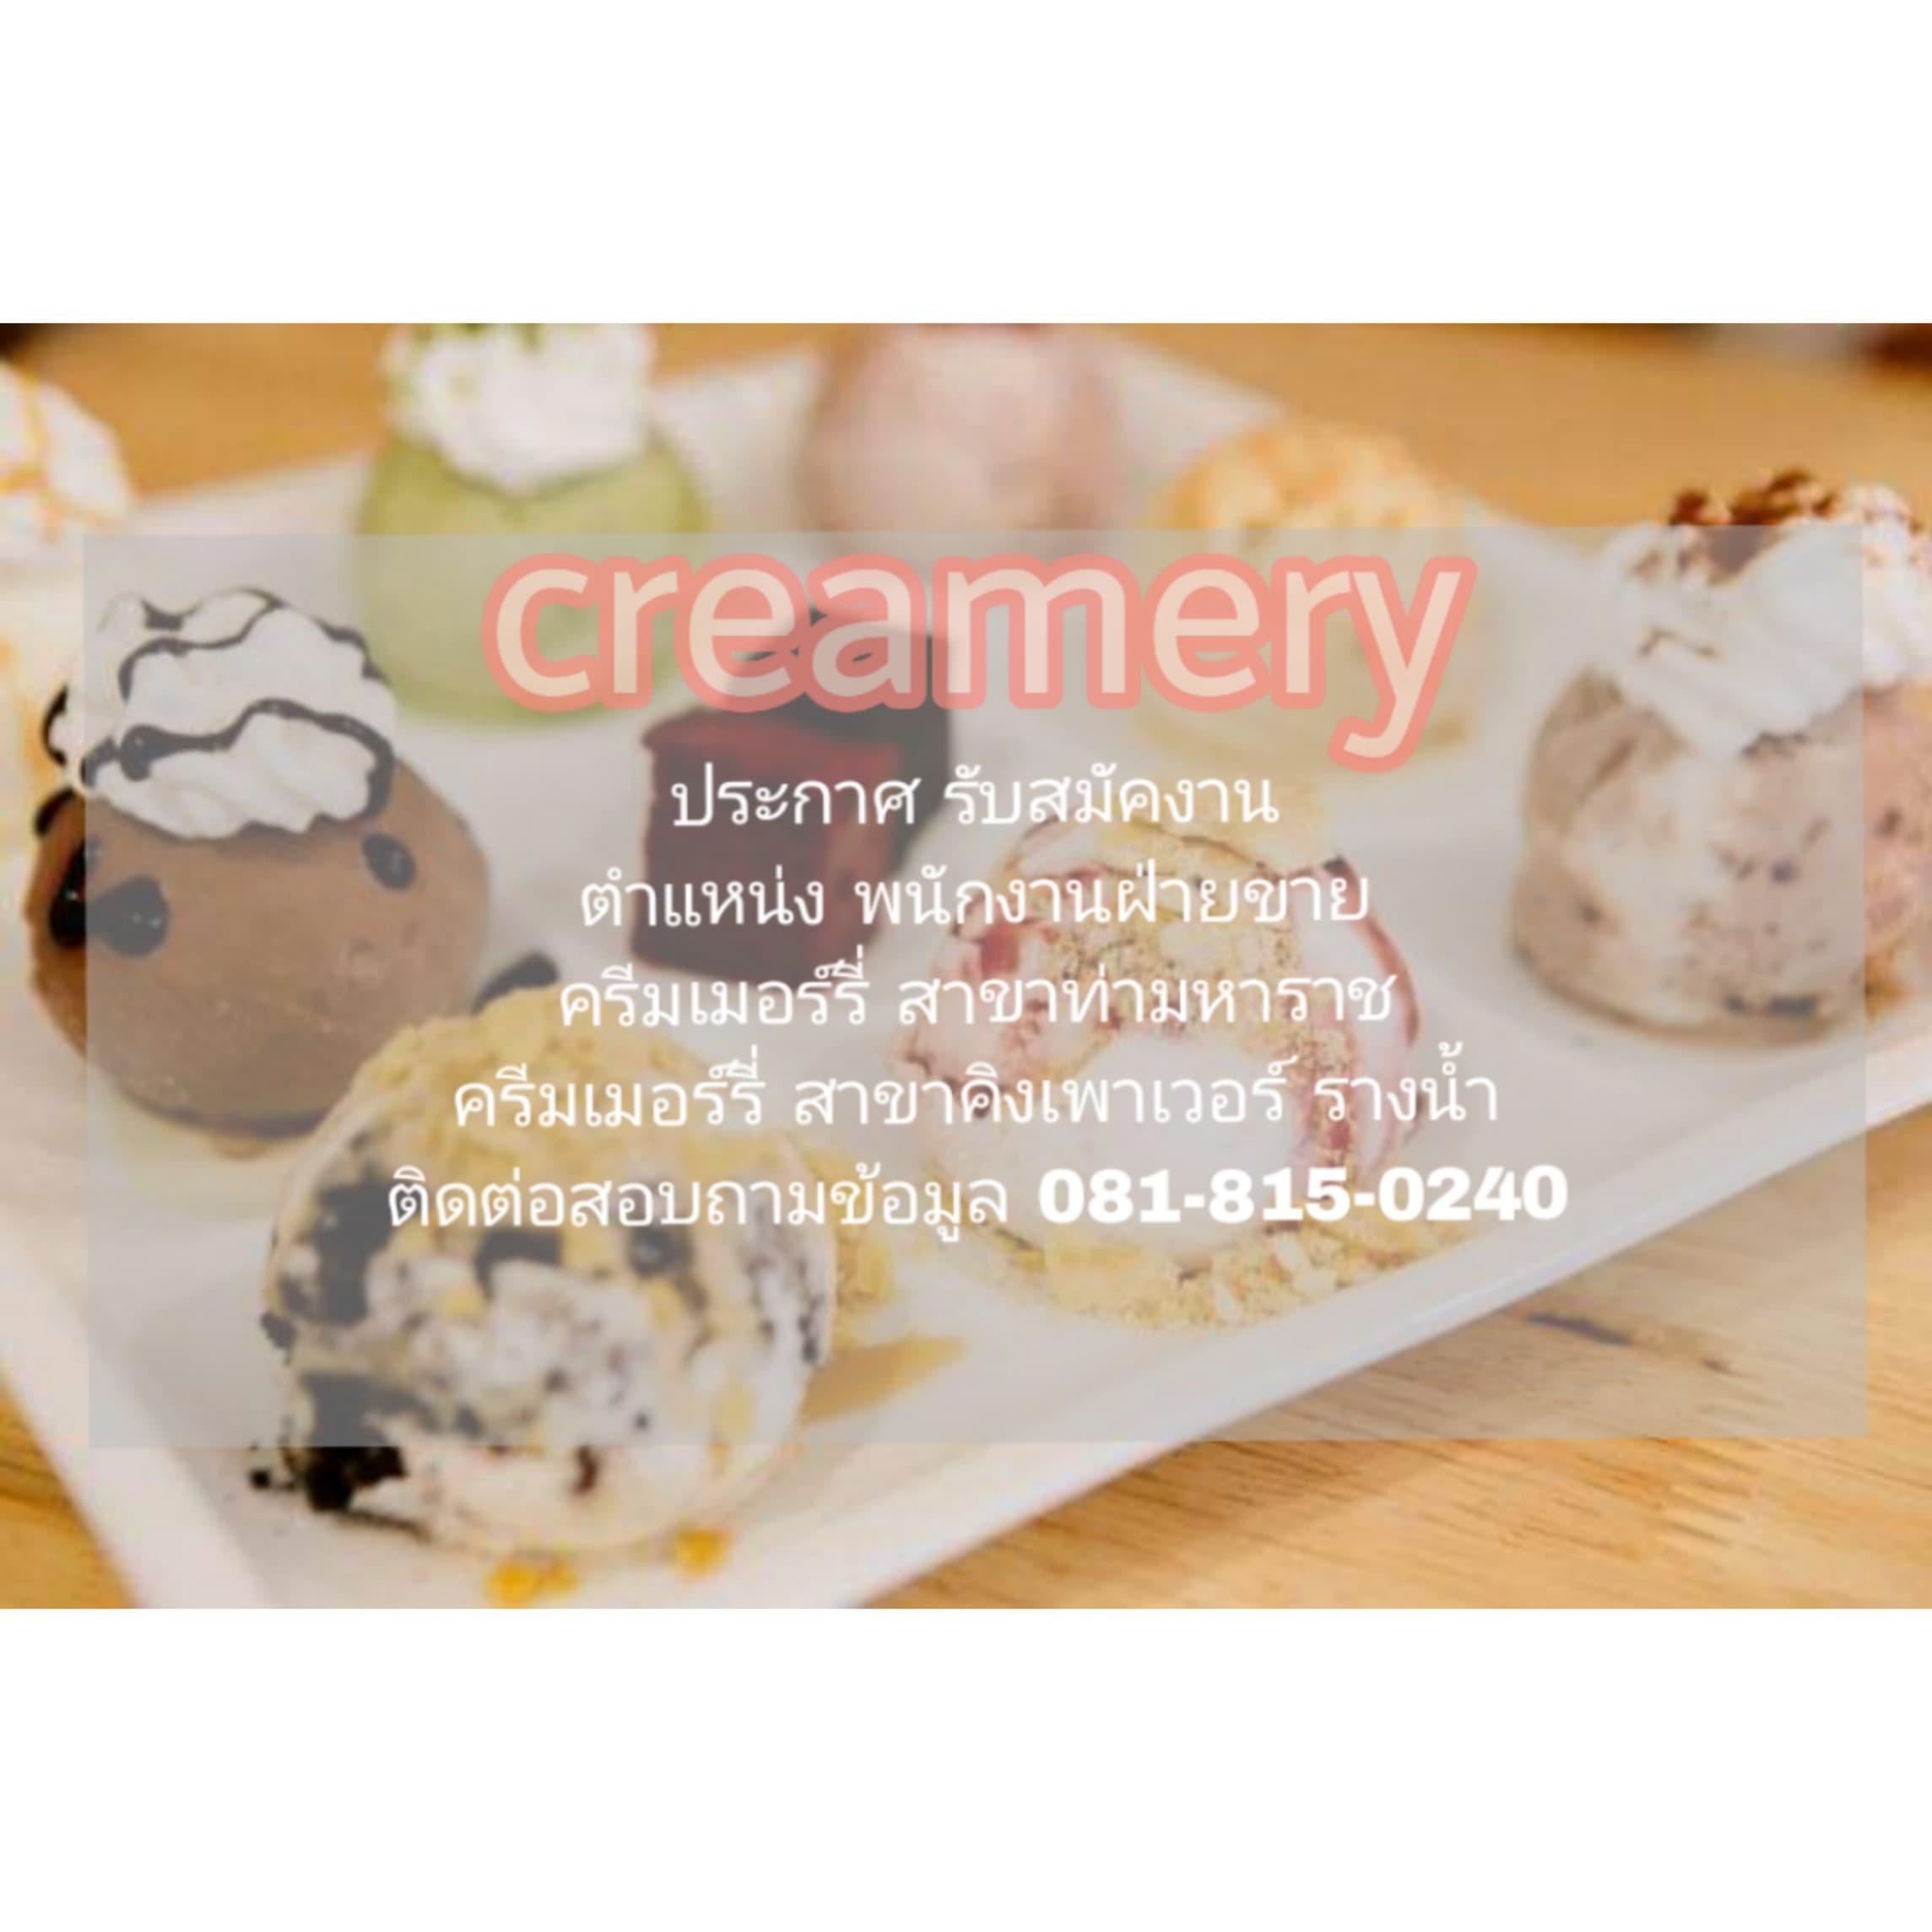 รับสมัคพนักงาน Part-Time ร้าน Creamery